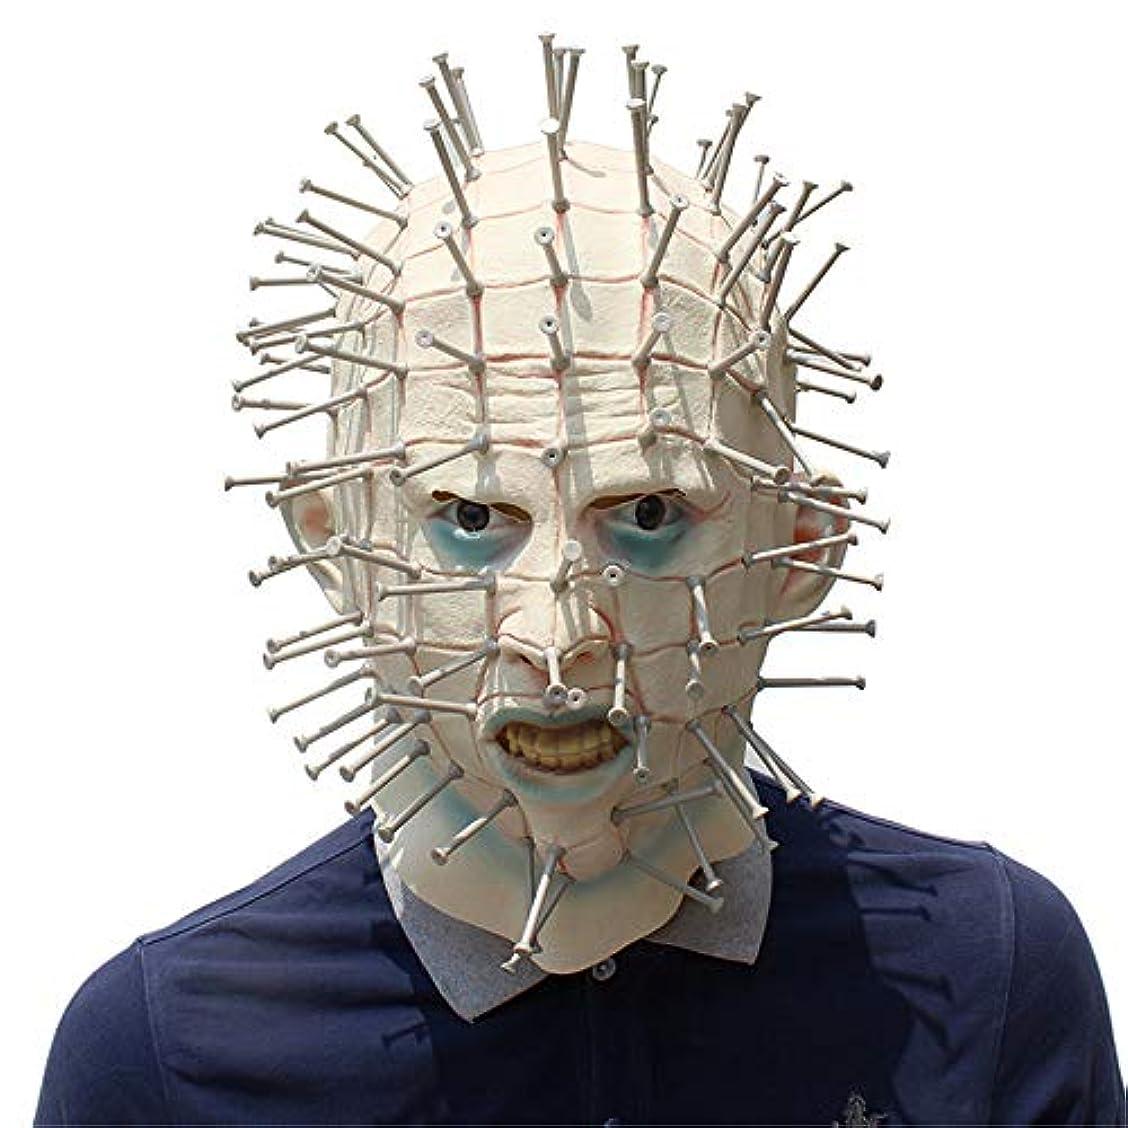 ループ蚊立方体テロリストゴーストチェイスマスクハロウィンクリエイティブヘッドギアネイルマスクヘッドギア